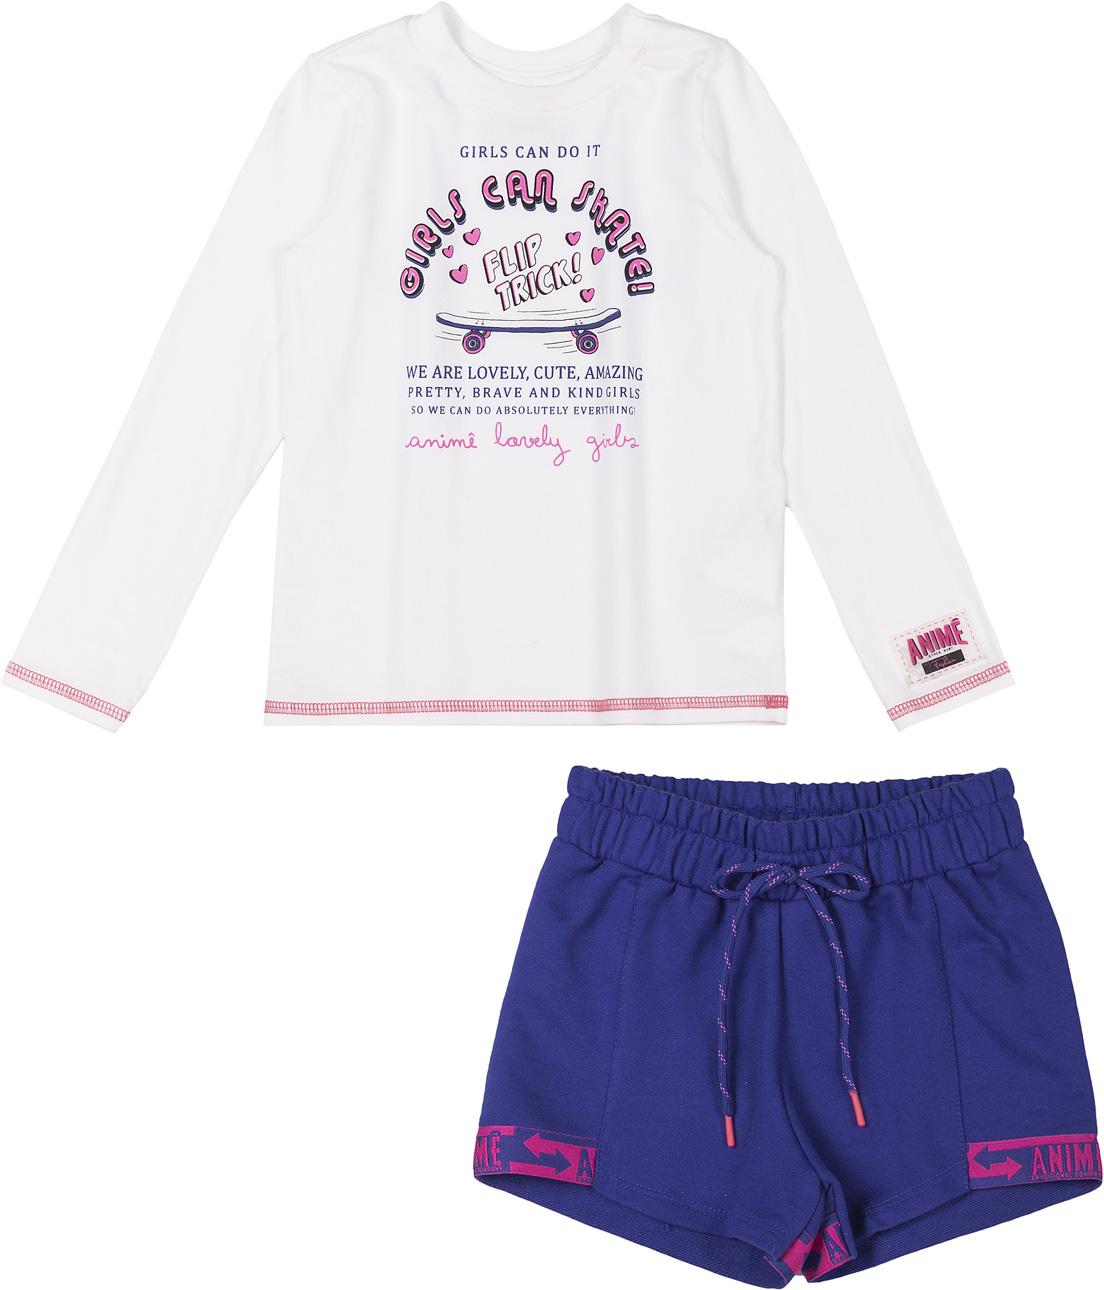 Conjunto Infantil Blusa Cotton Off Withe Shorts Azul Royal Cordão Rabo de Rato Animê